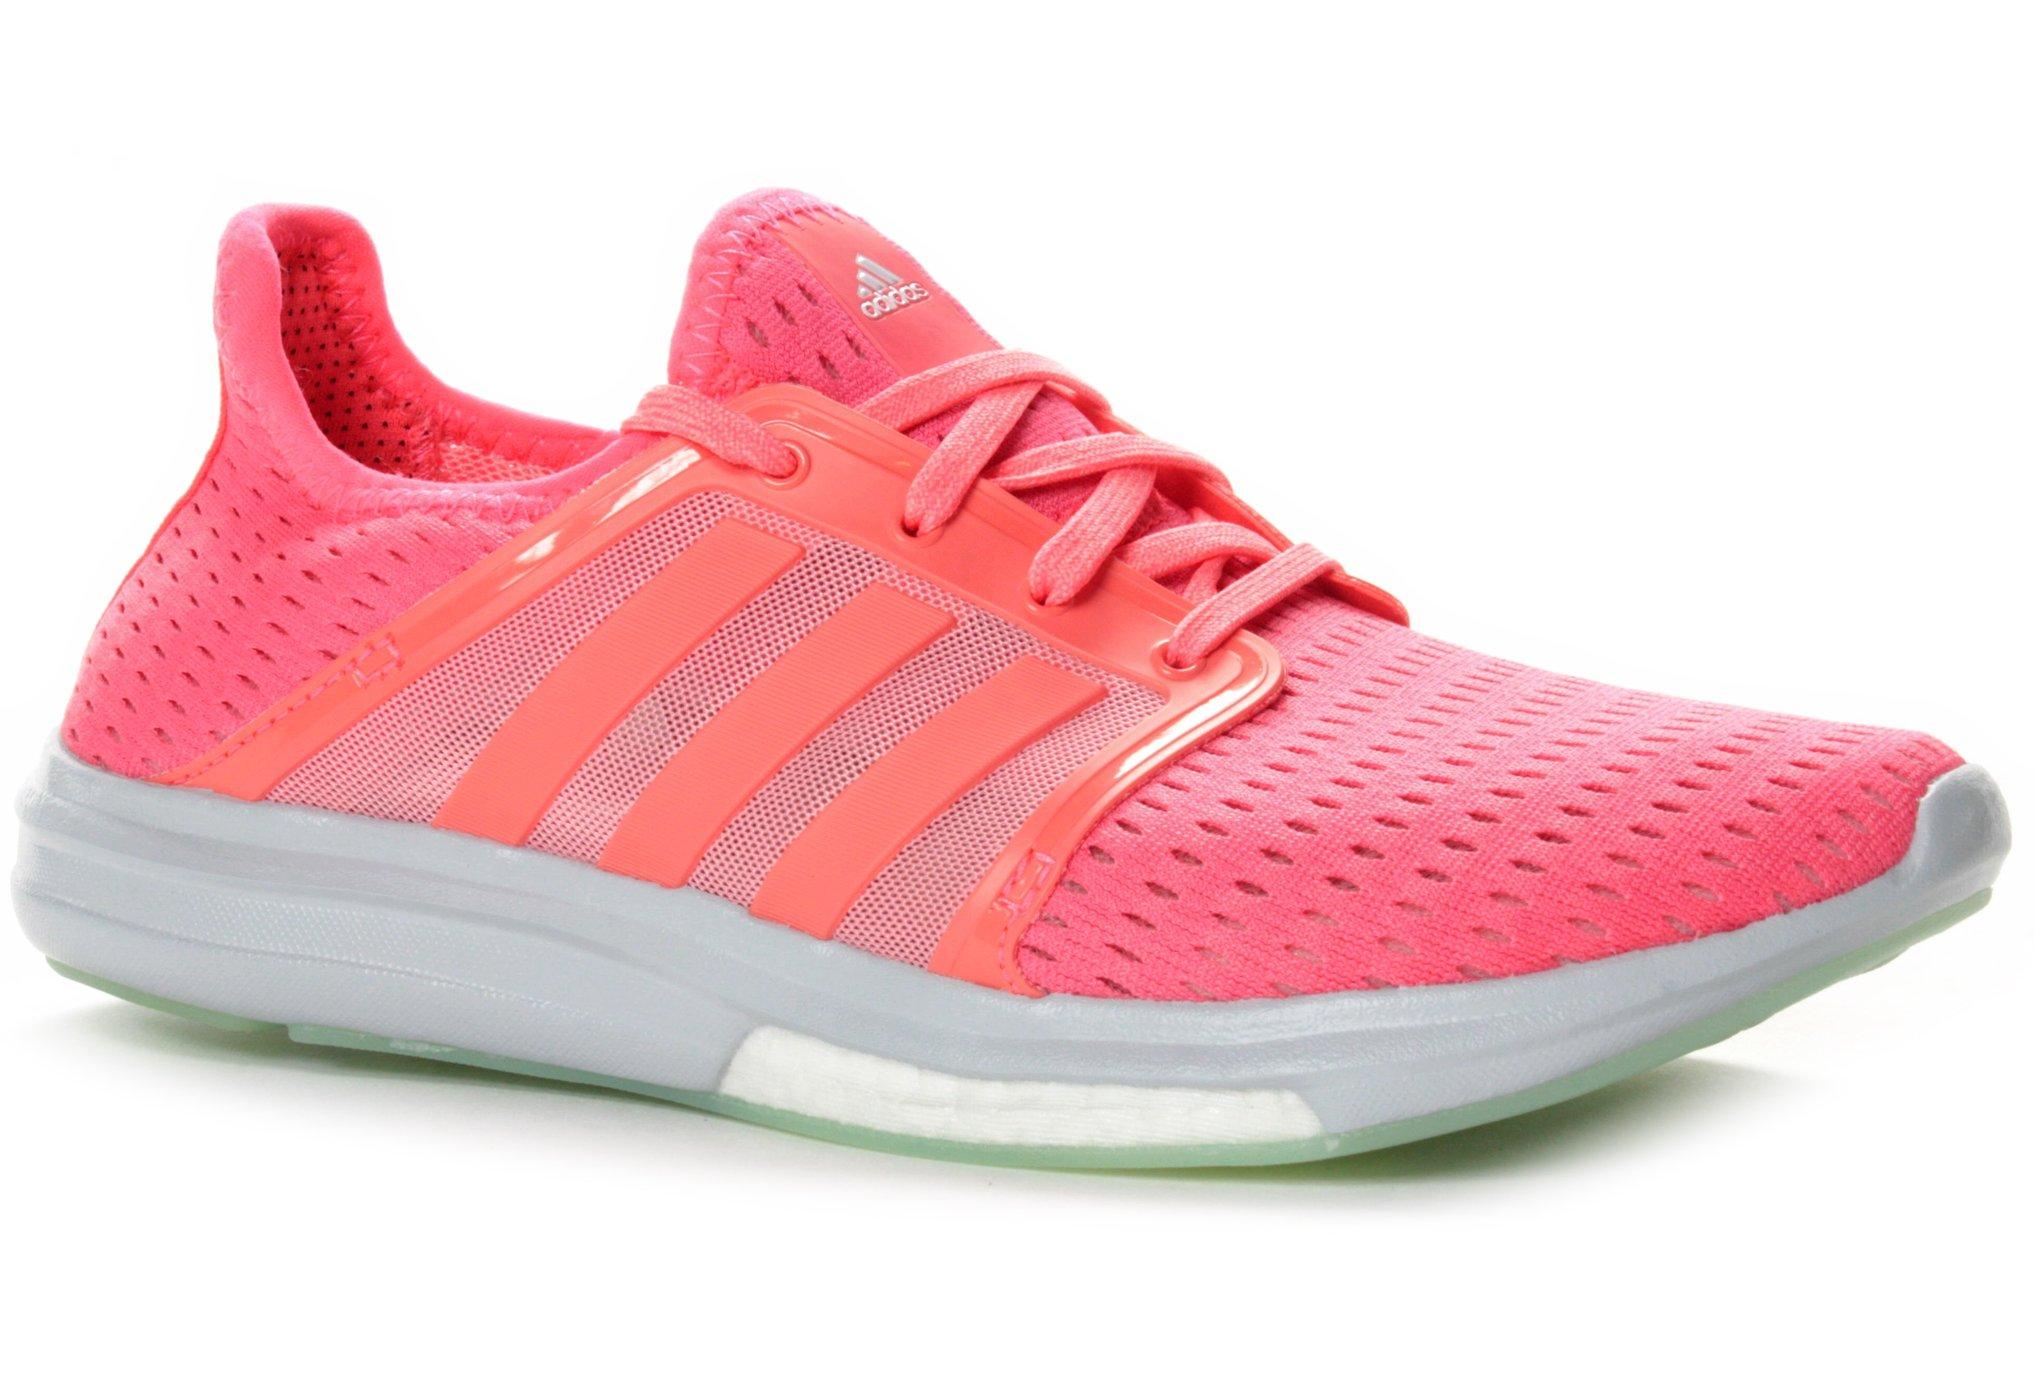 Adidas Climachill sonic boost w diététique chaussures femme